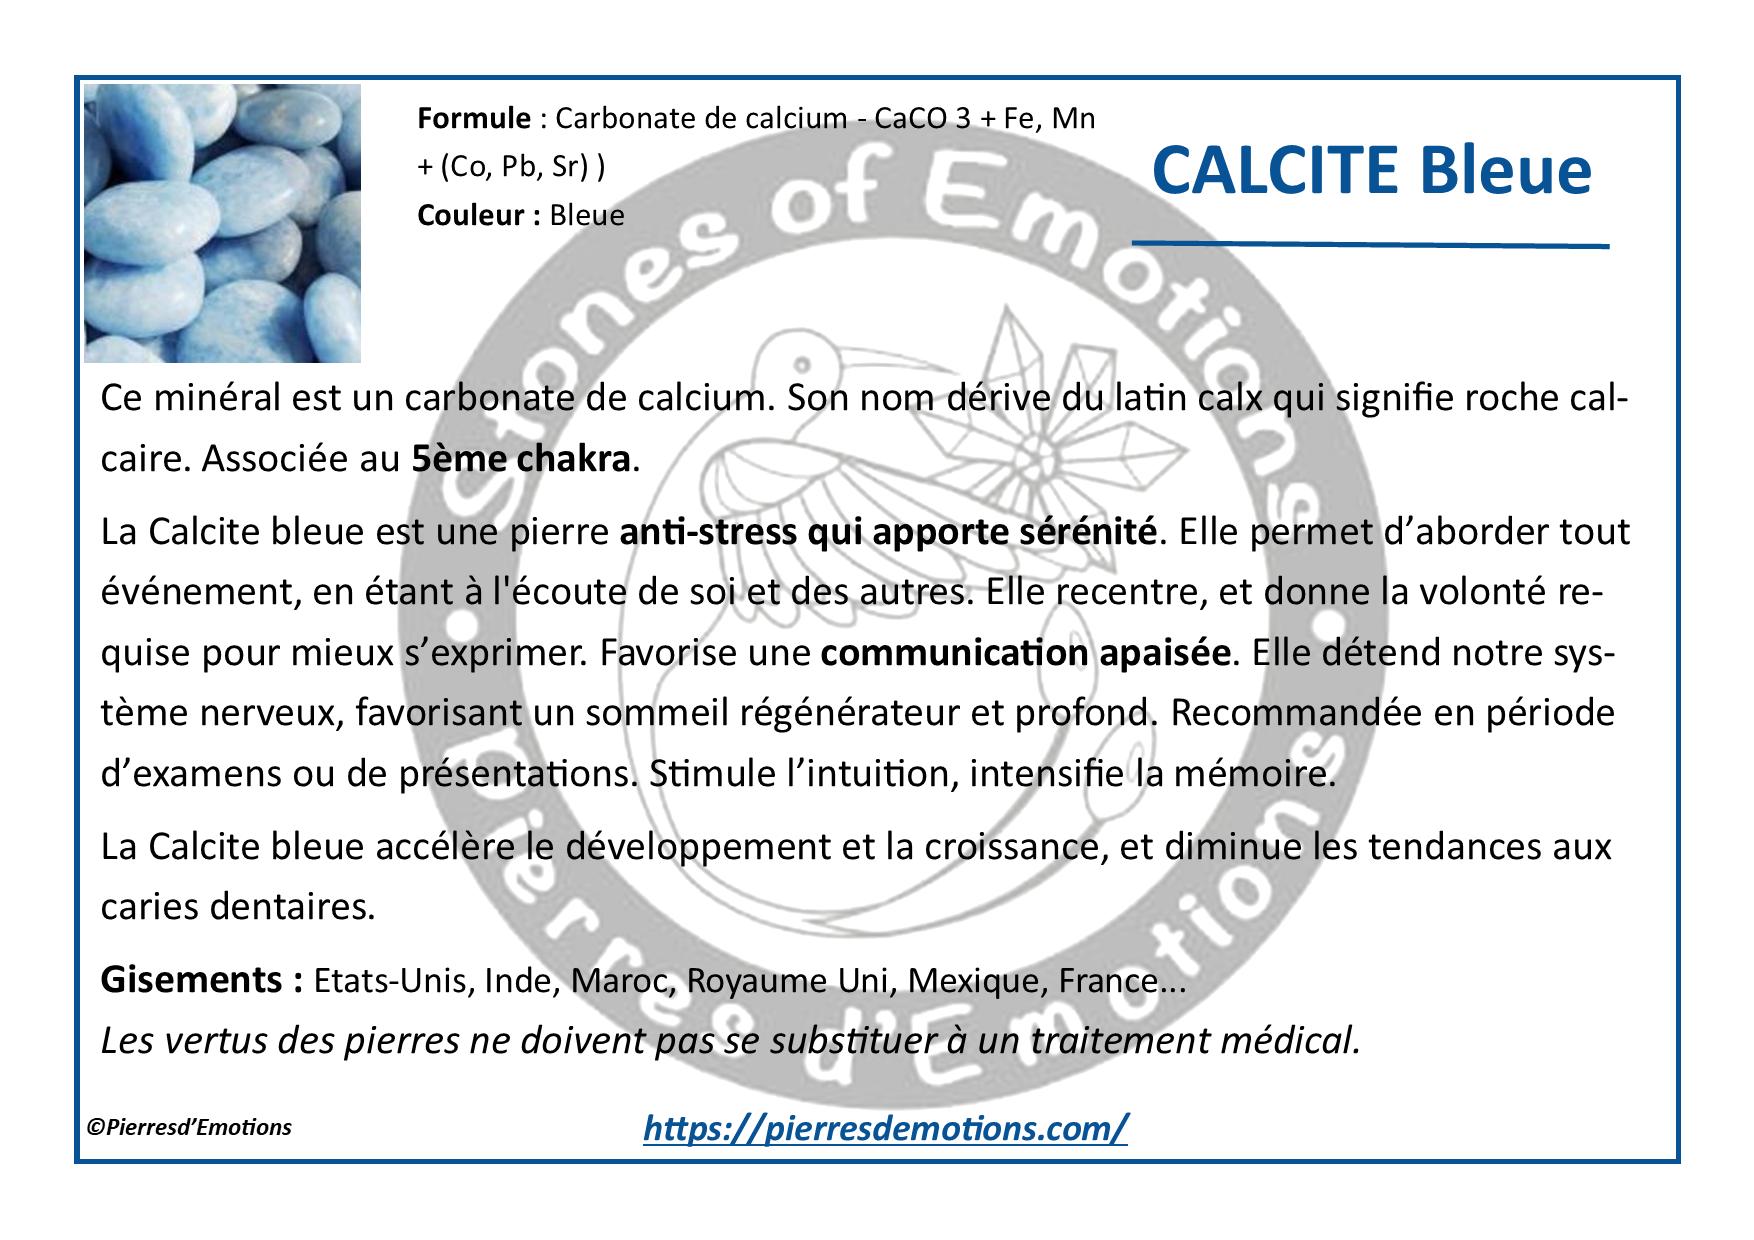 CalciteBleue